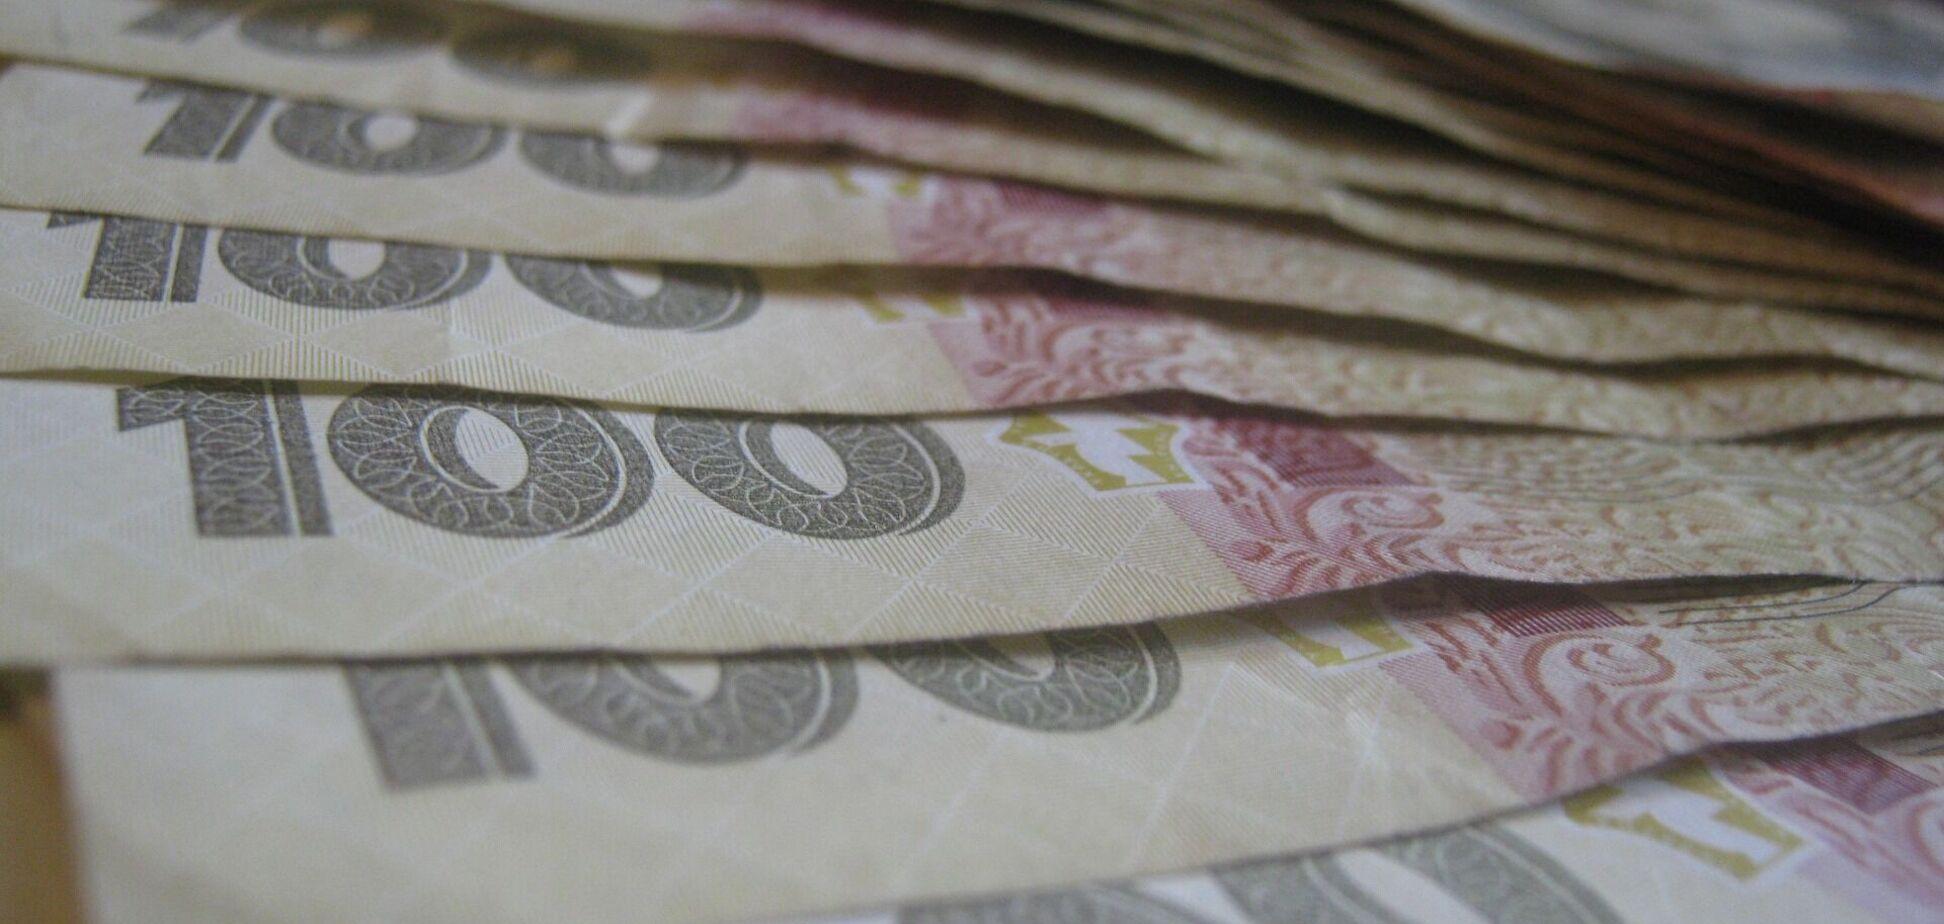 Підозрюваний пропонував 1 тисячу гривень за голос